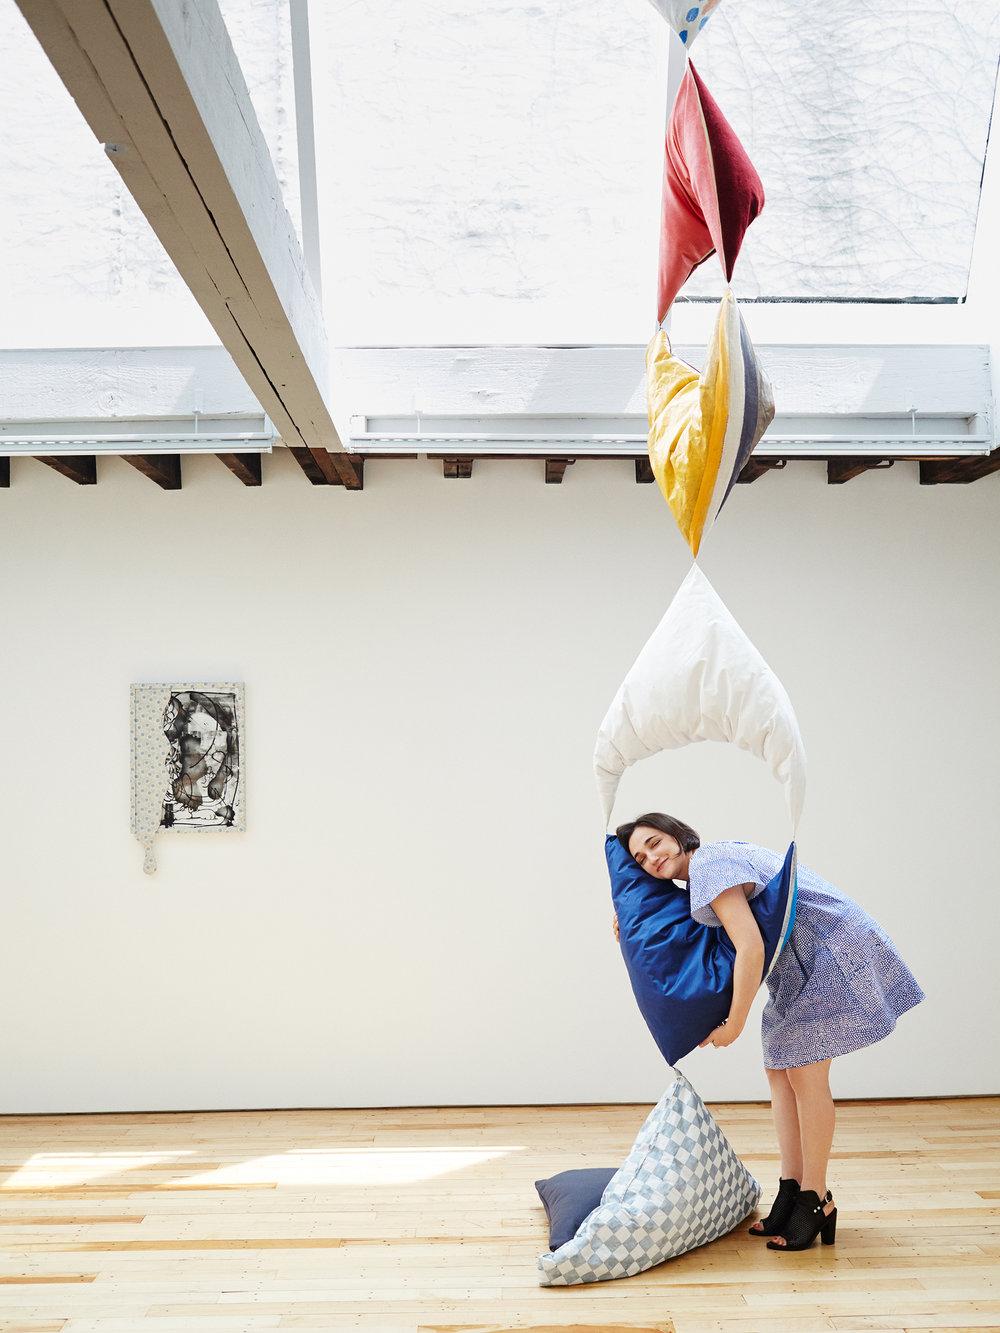 Rachel Uffner/Harper's Bazaar Japan